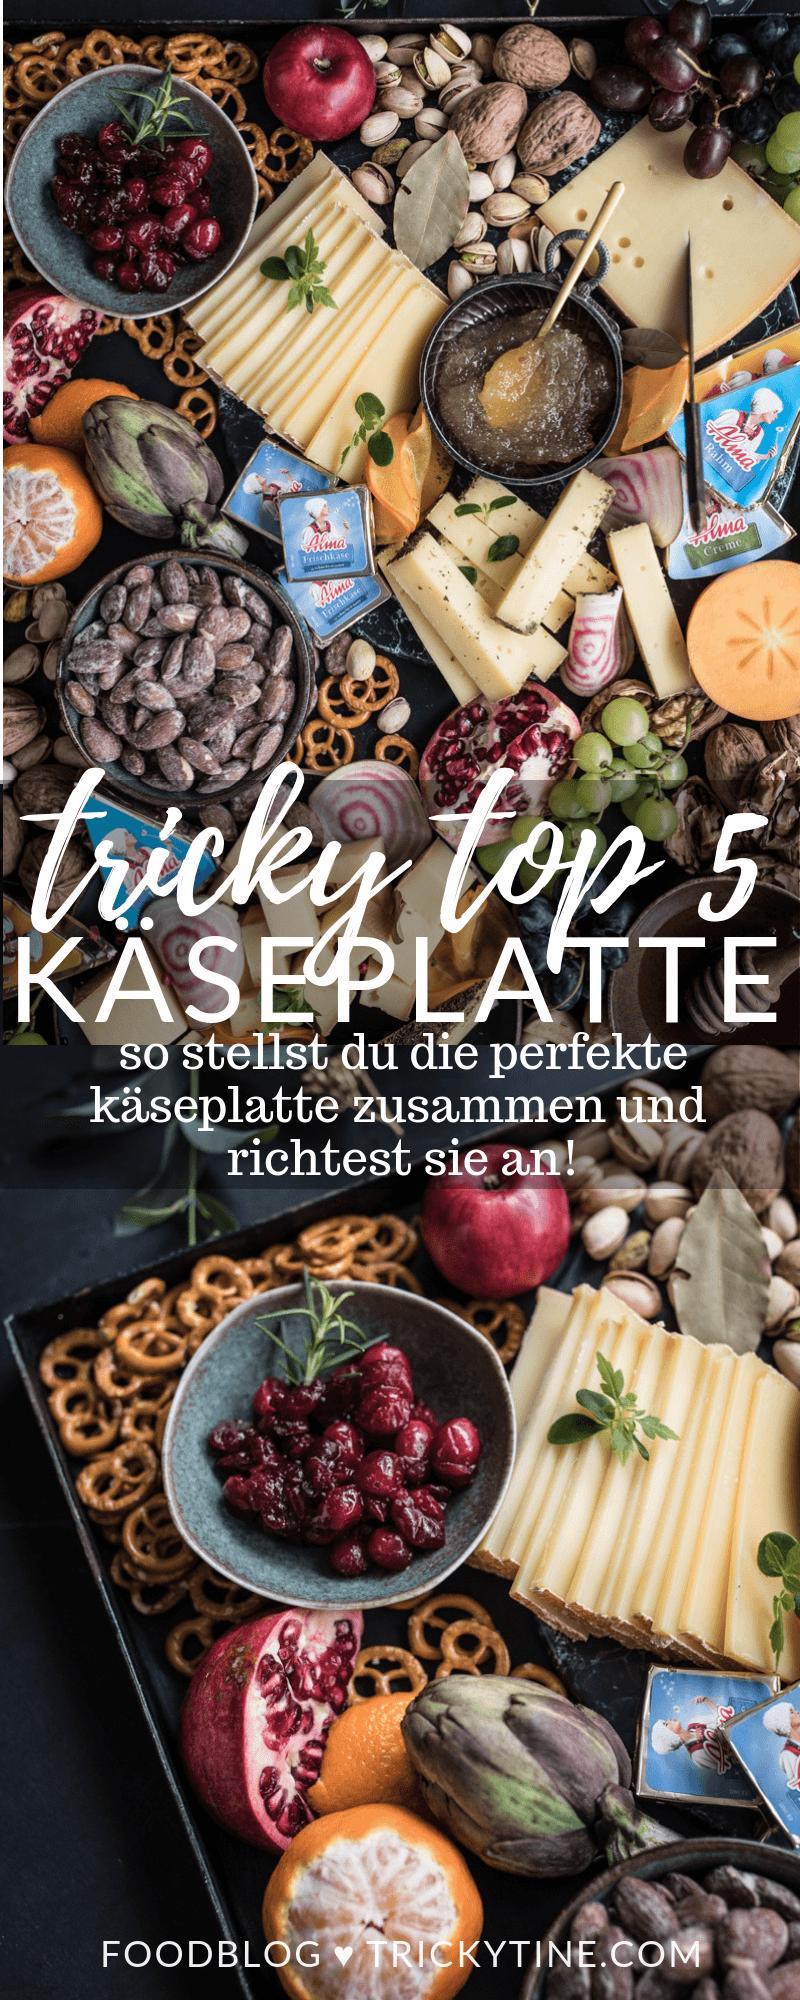 tricky top 5 käseplatte anrichten tipps trickytine pinterest foodblog